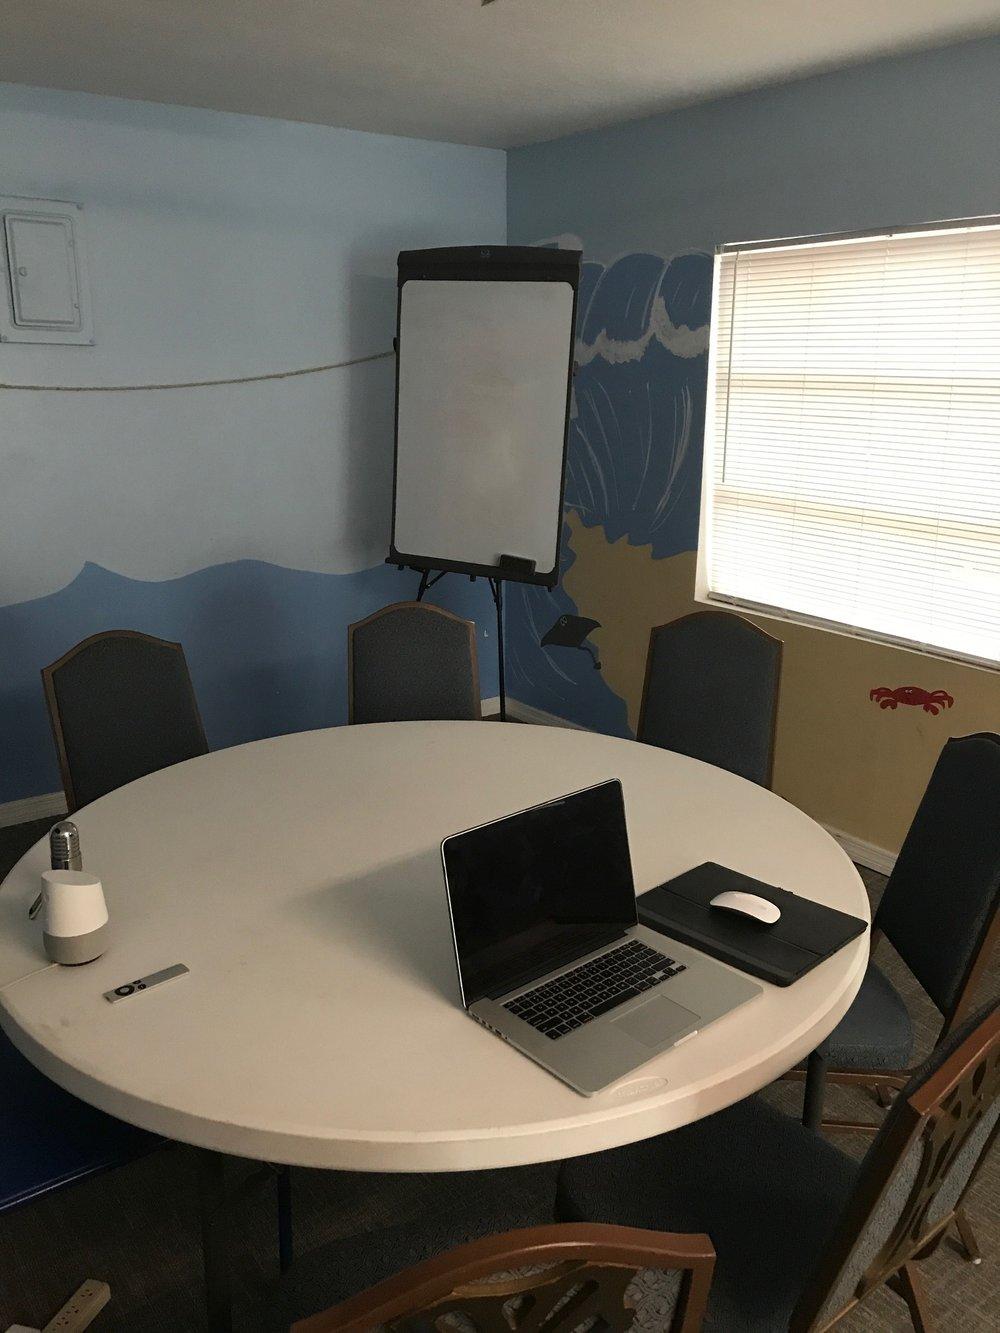 24/7 Learning Academy Hybrid Classroom